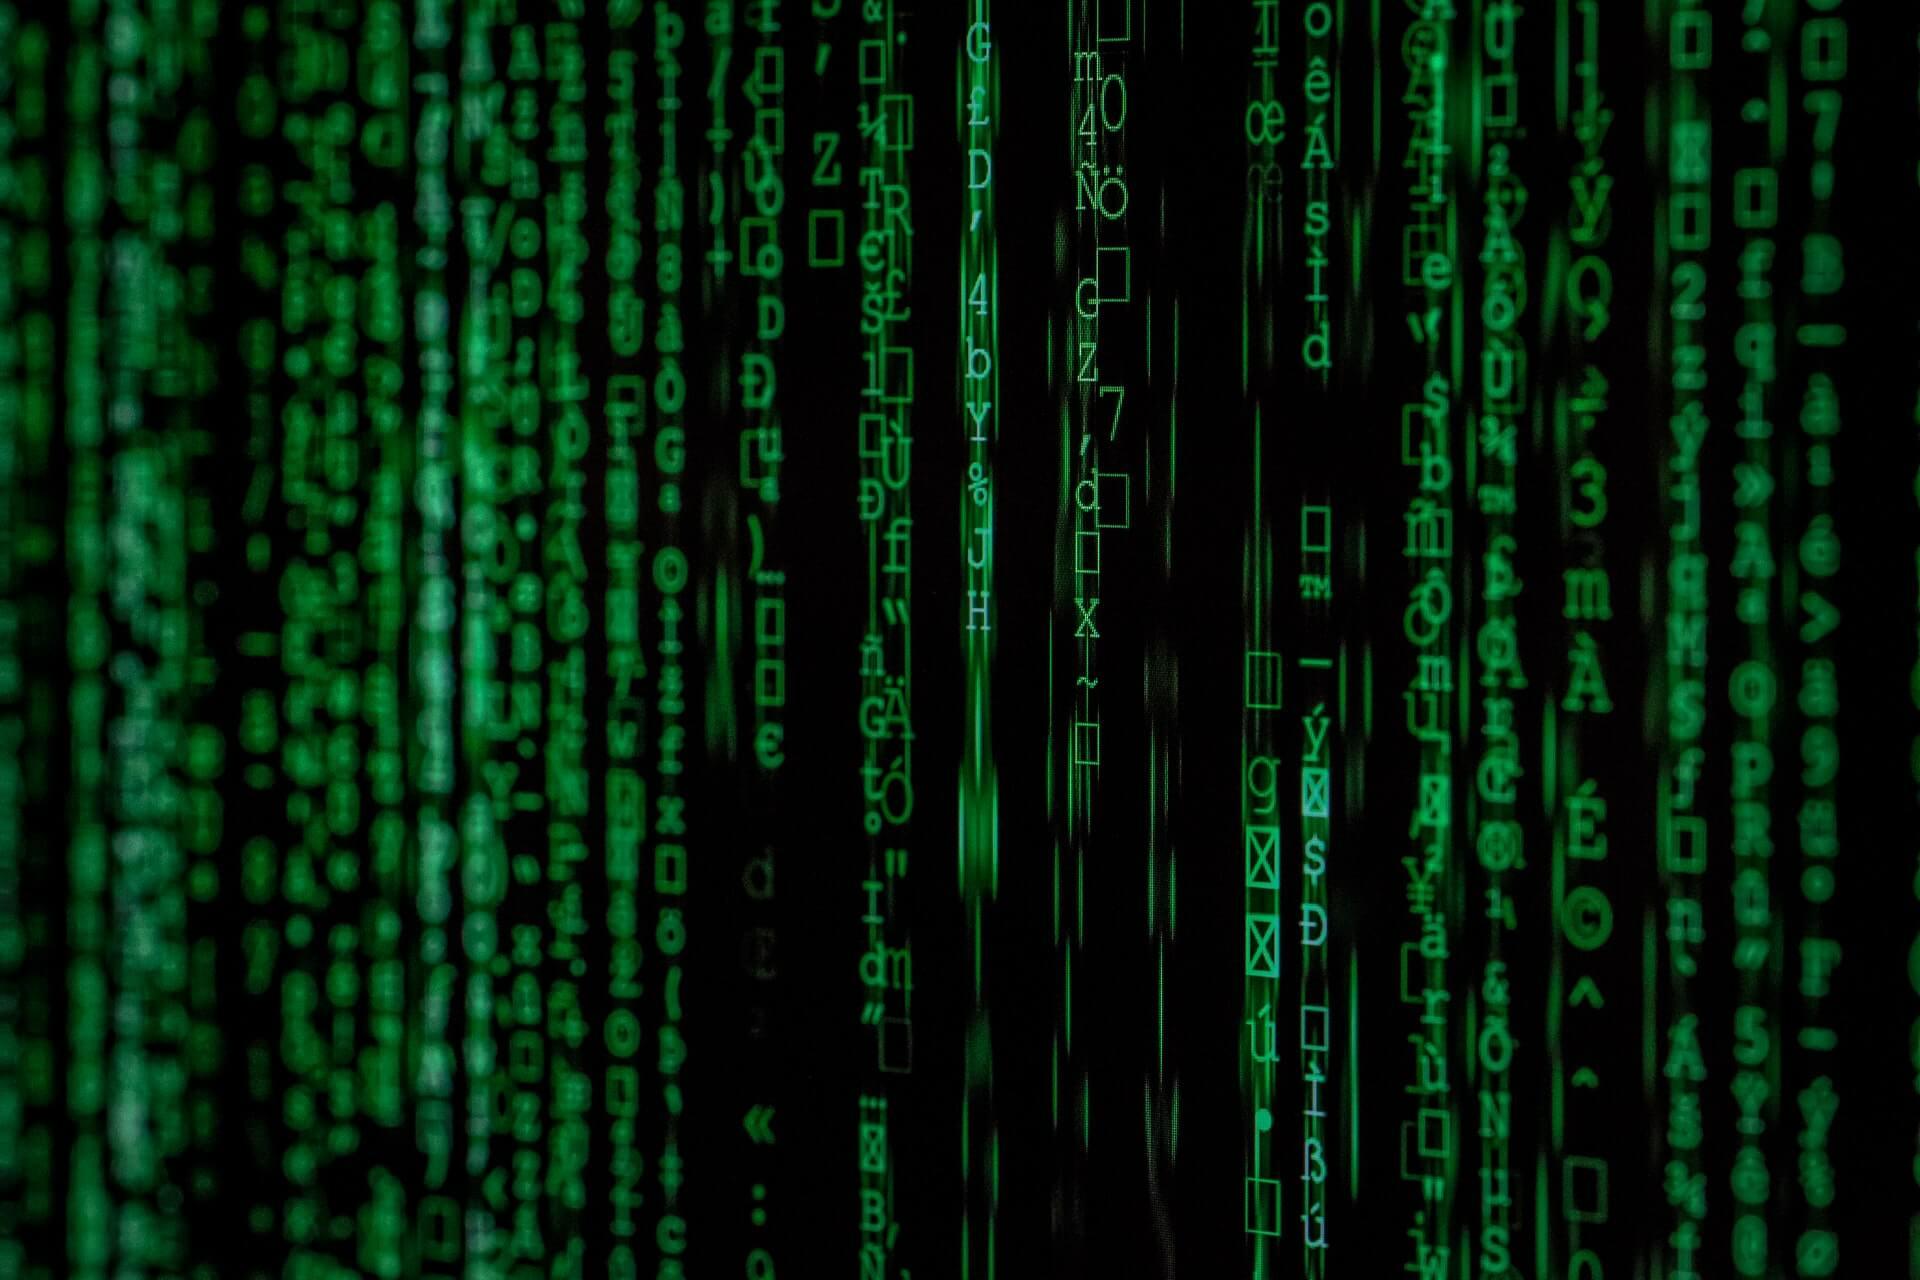 Data tech digital technology